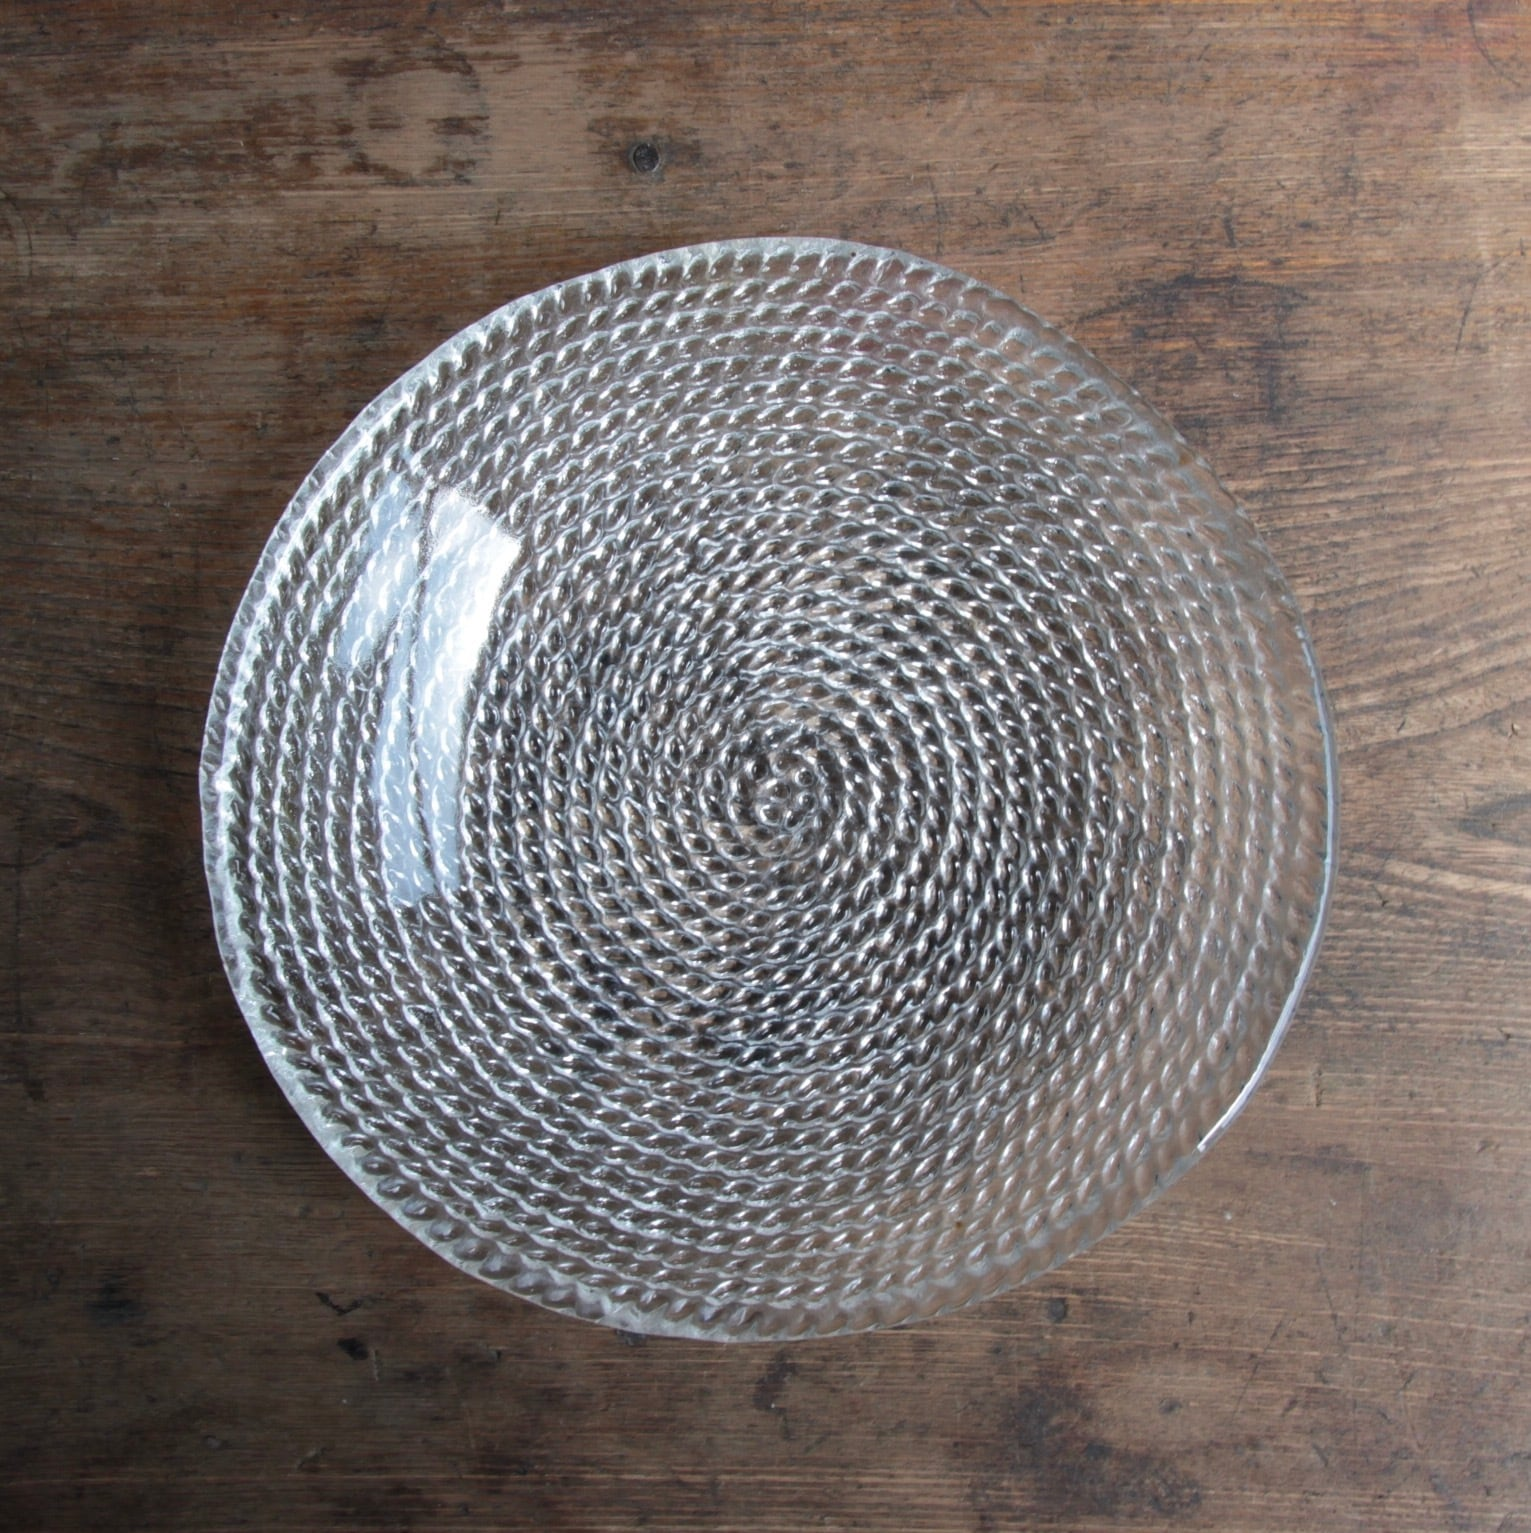 綱手ガラスのそうめん皿